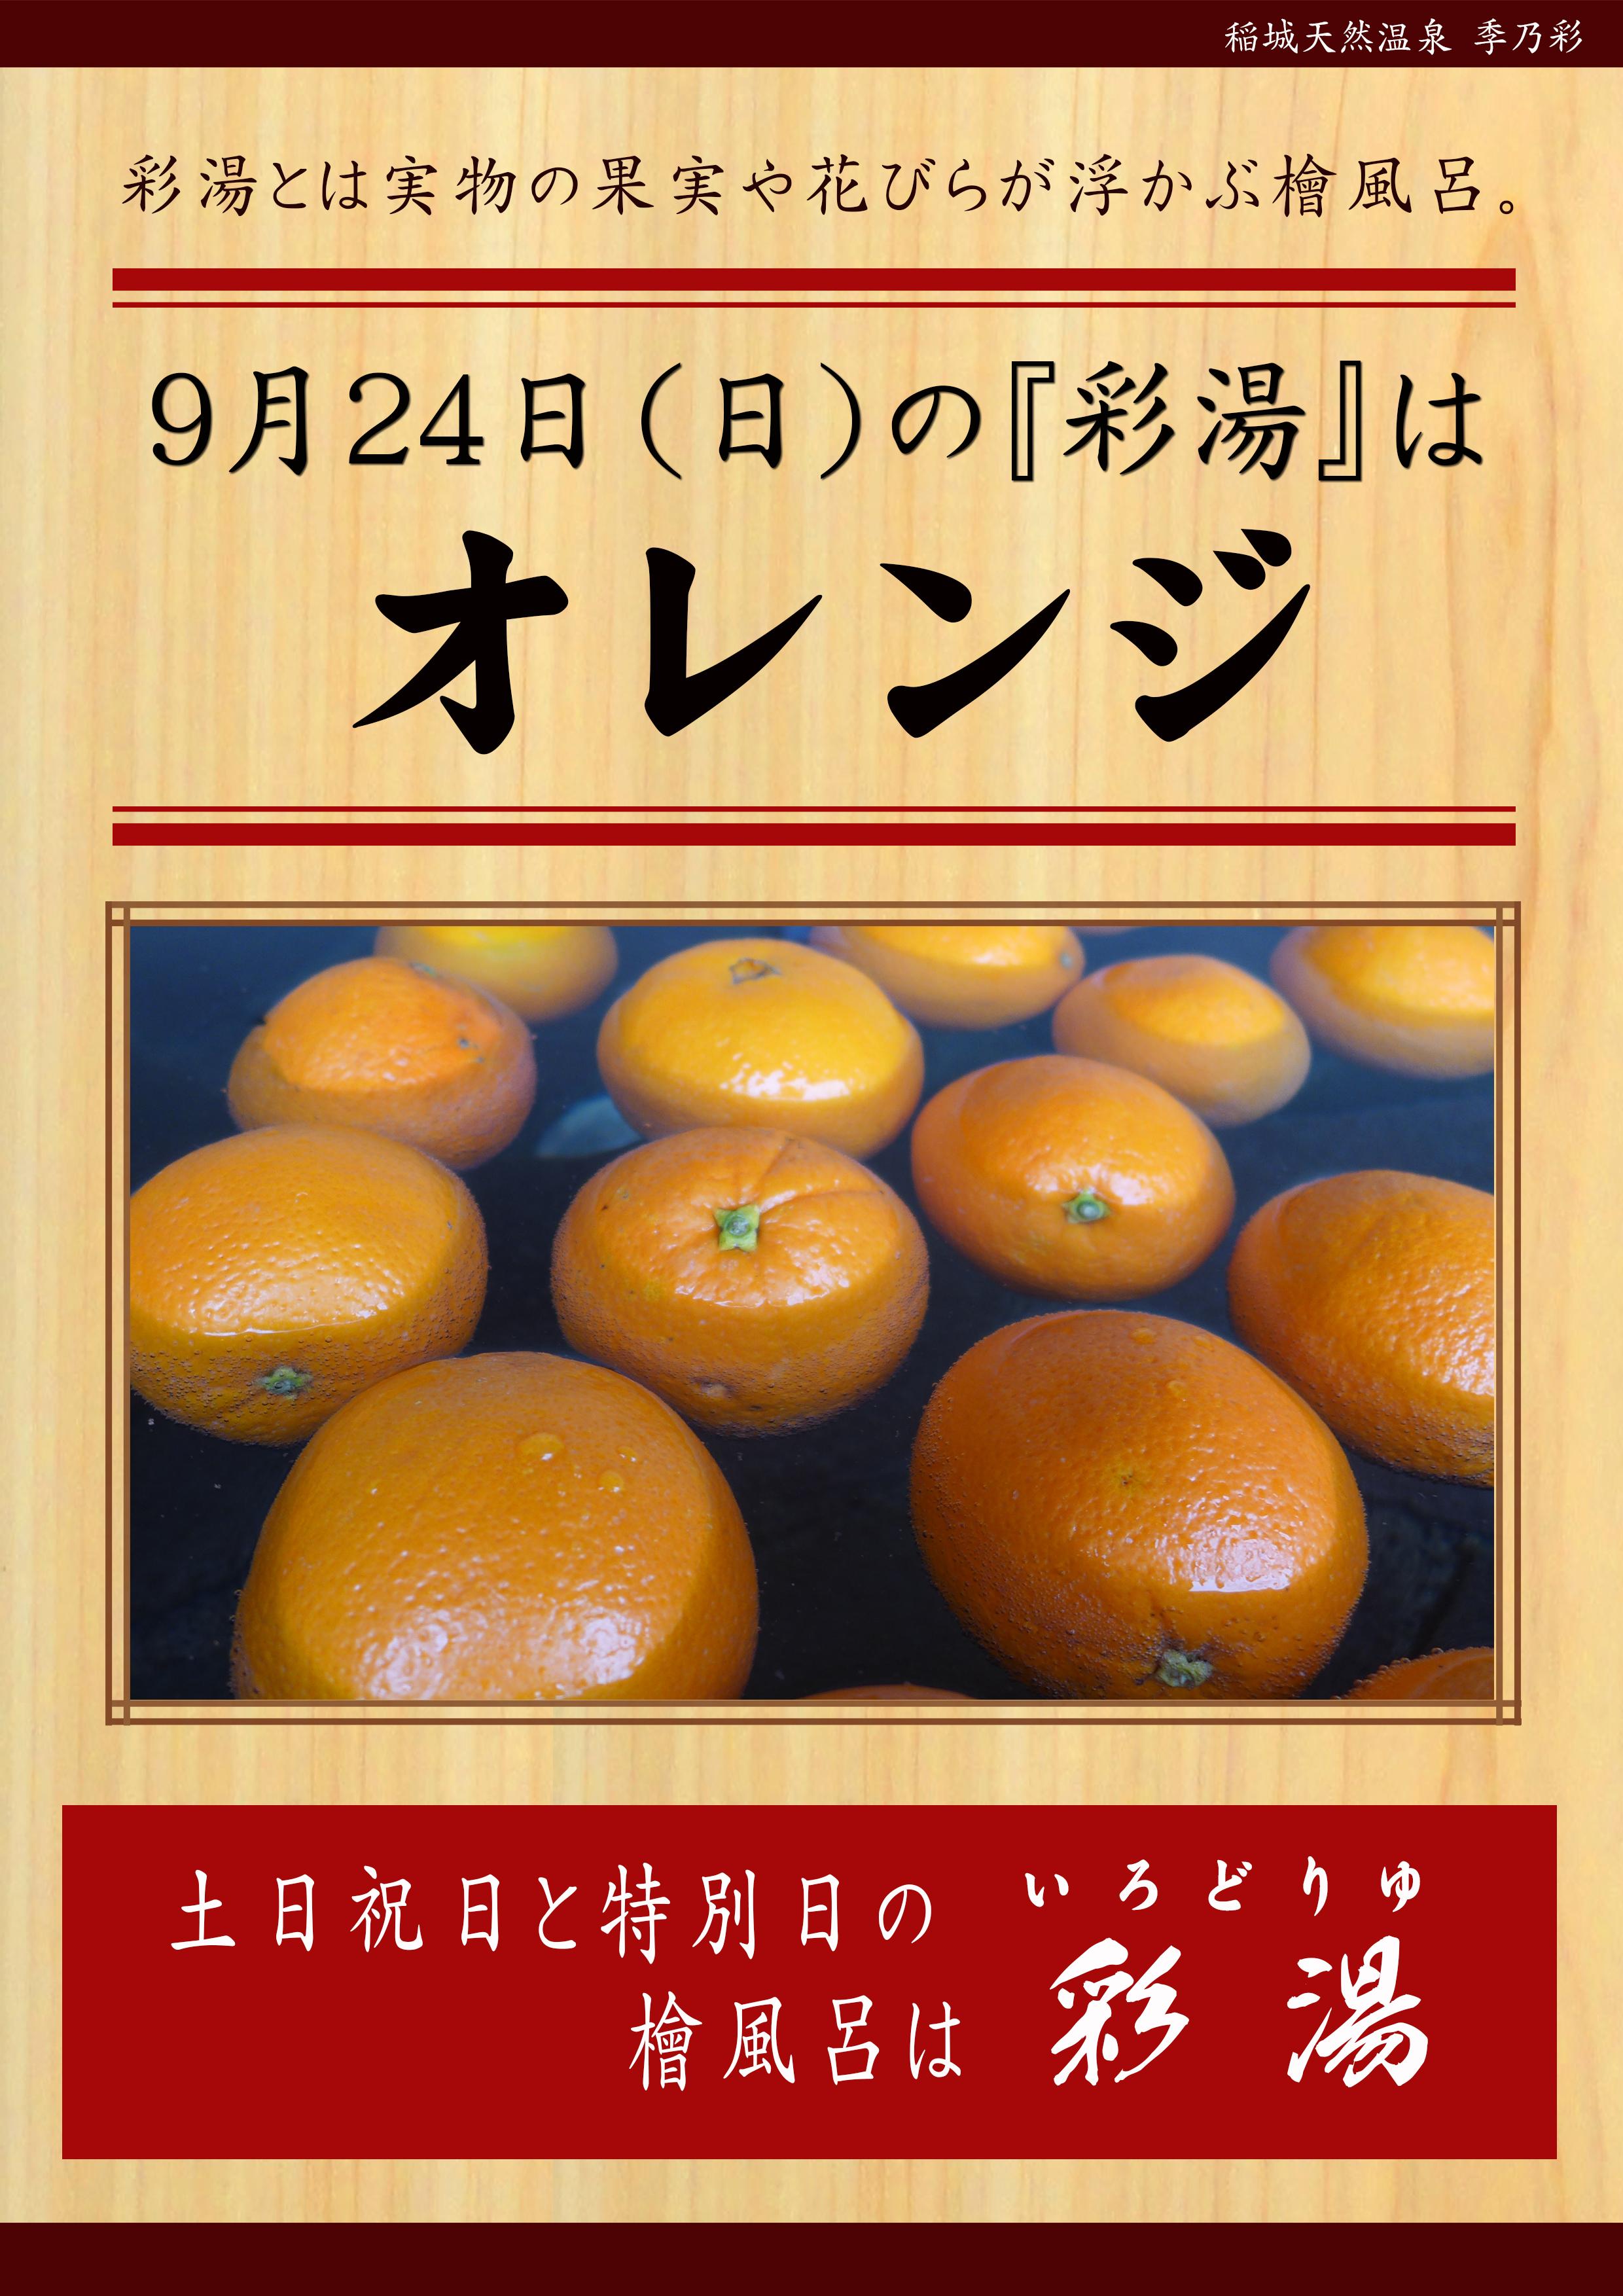 20170924POP イベント 彩湯 オレンジ